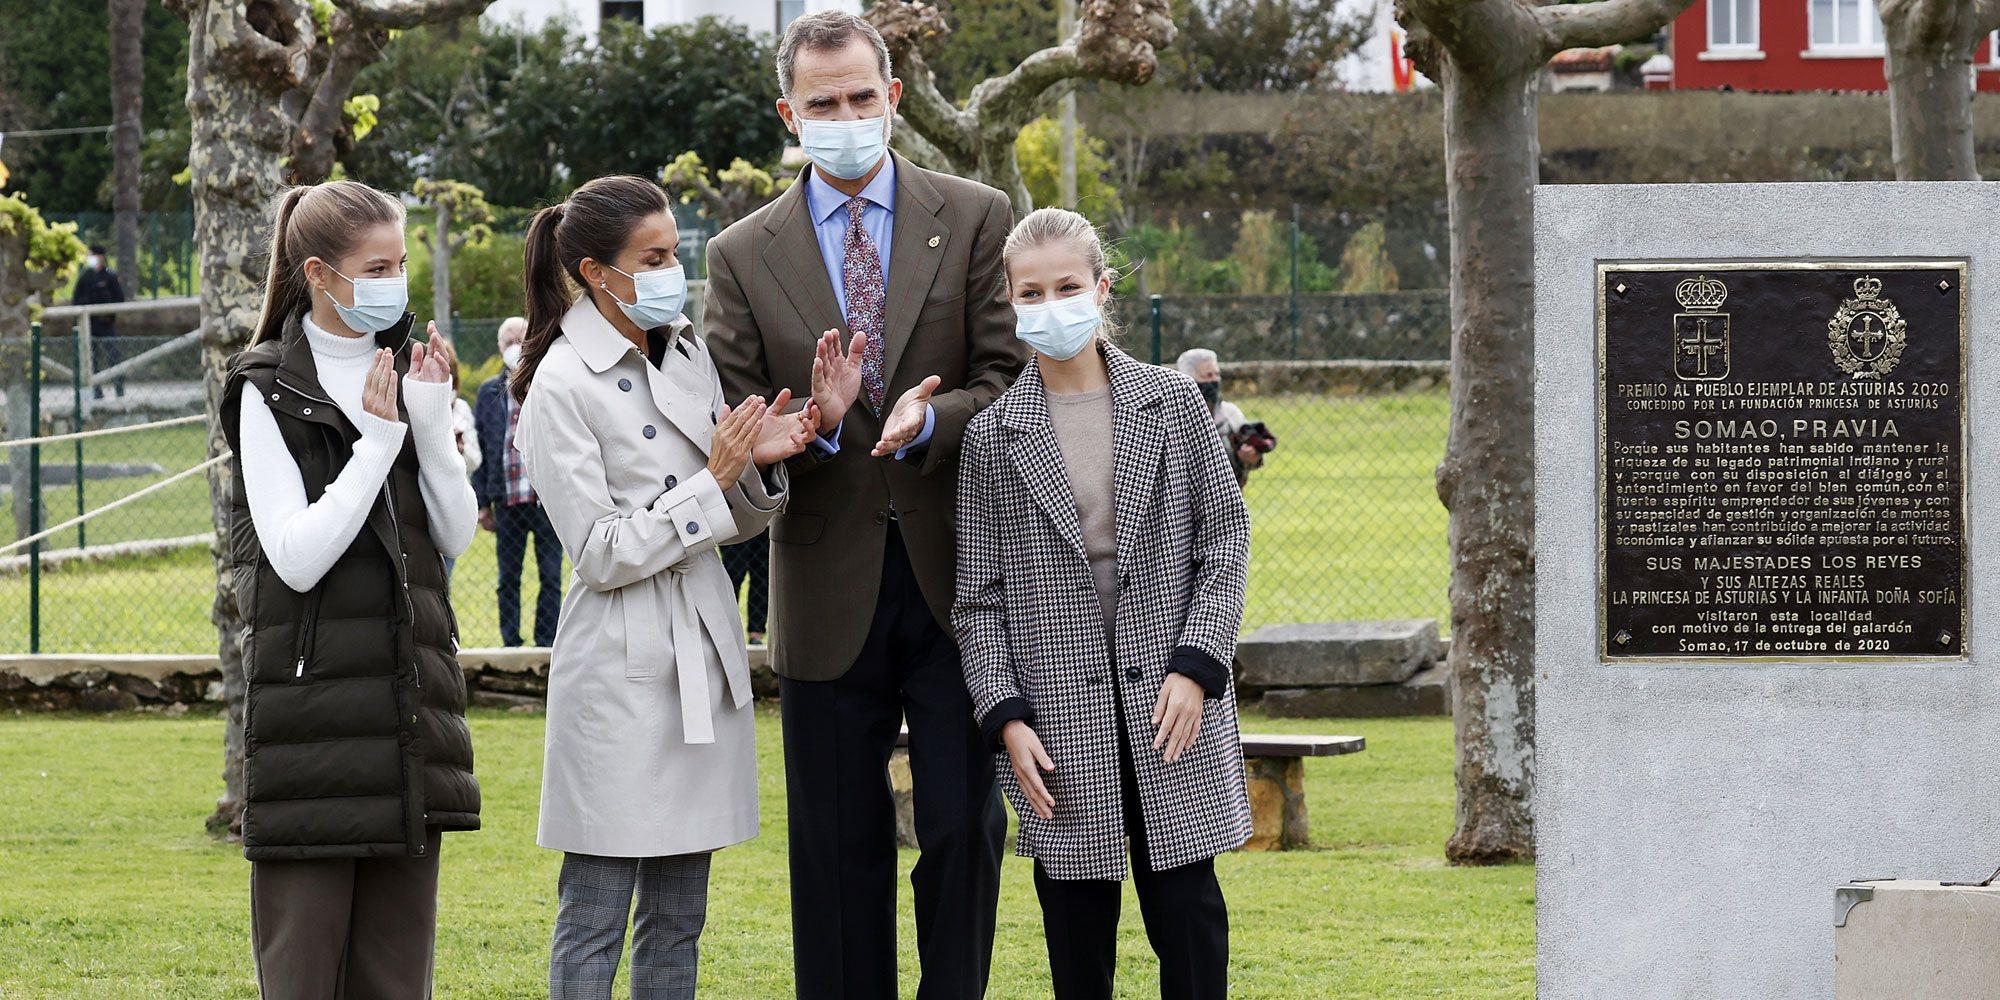 Los regalos recibidos por los Reyes Felipe y Letizia, la Princesa Leonor y la Infanta Sofía en Somao, Pueblo Ejemplar 2020